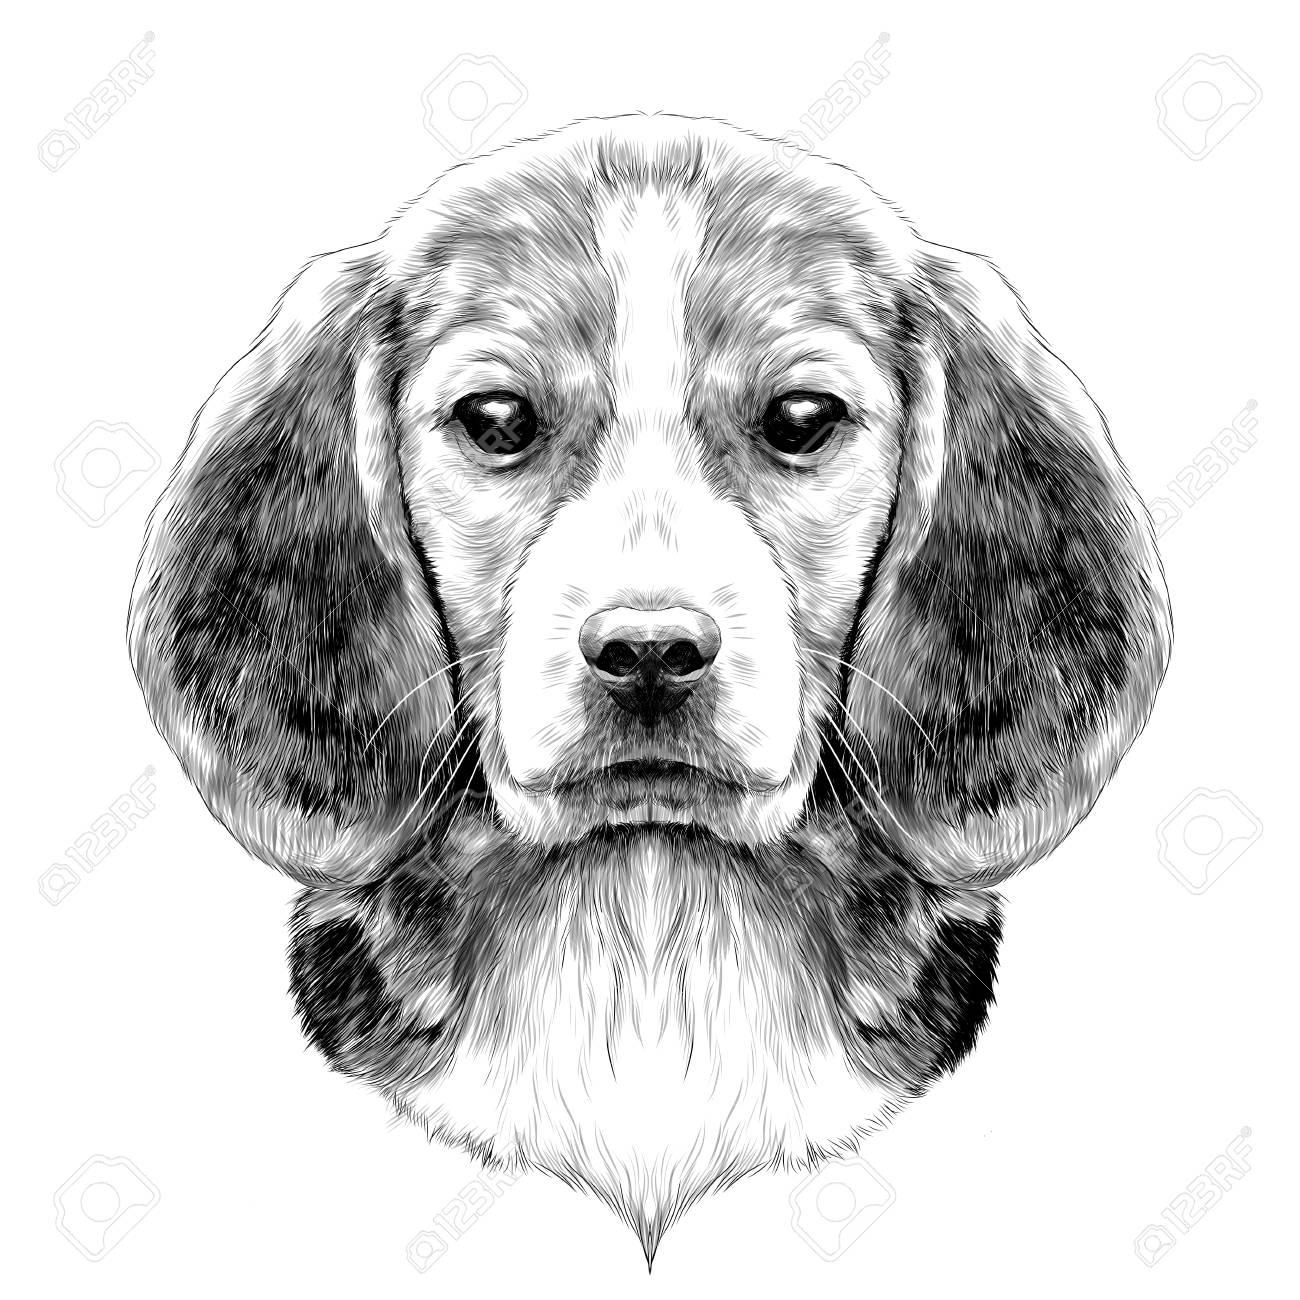 Race De Tête De Chien Beagle Croquis Graphiques Vectoriels Dessin Noir Et Blanc